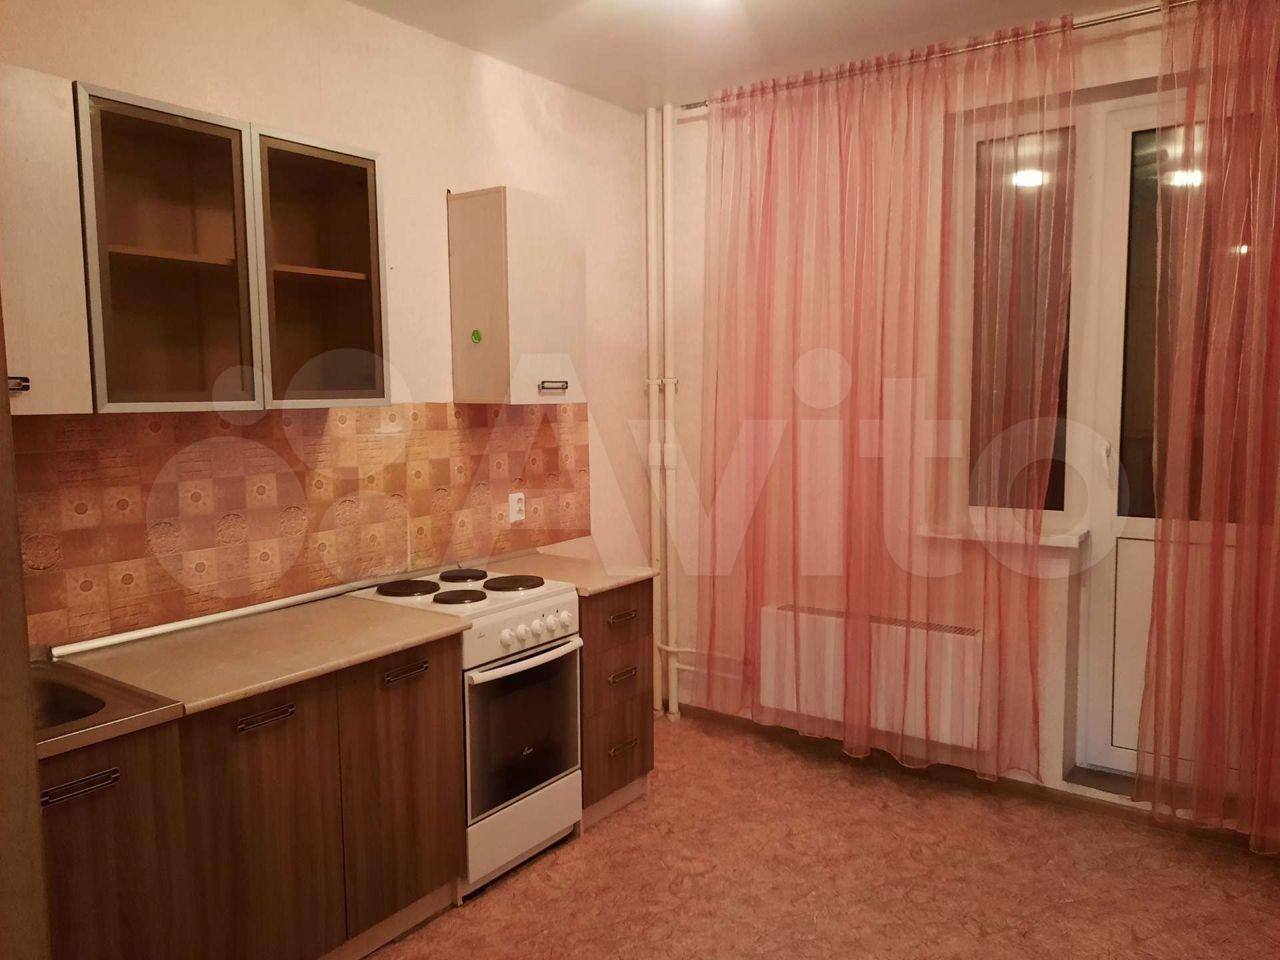 2-к квартира, 44 м², 5/17 эт.  89587480563 купить 1